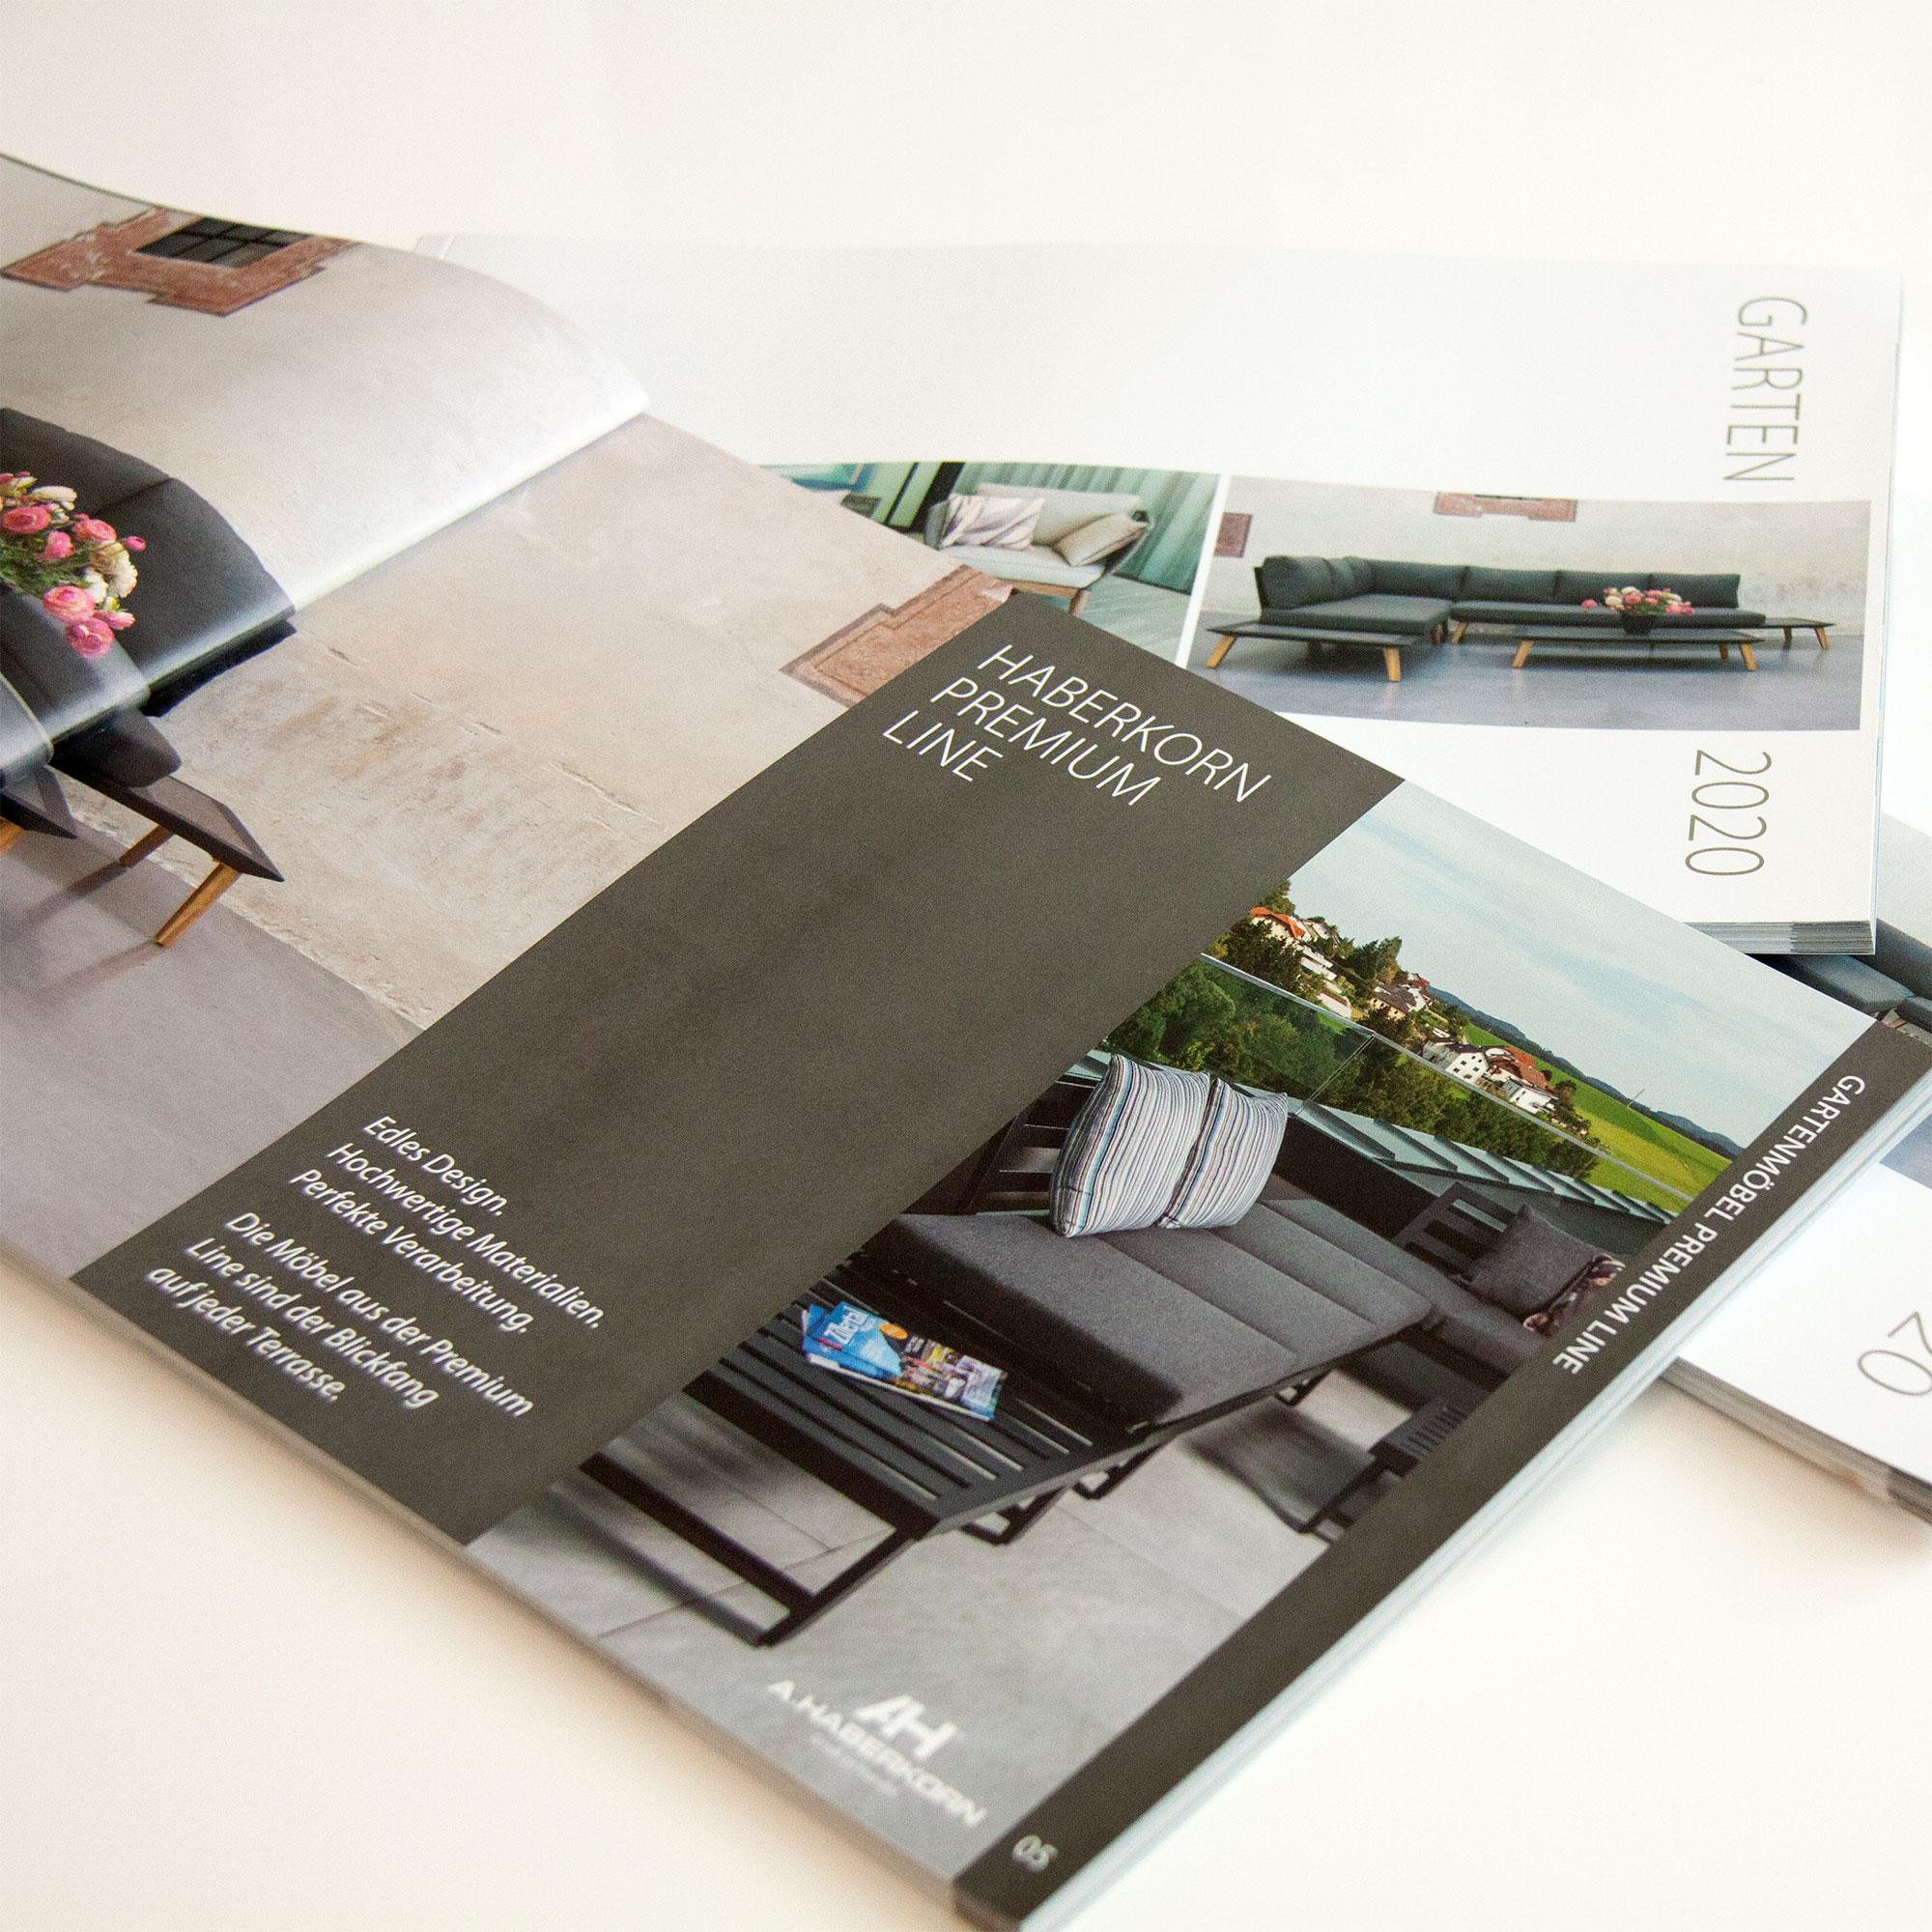 Referenzen kreativbiene: Katalog A.Haberkorn - Gartenmöbel 2020